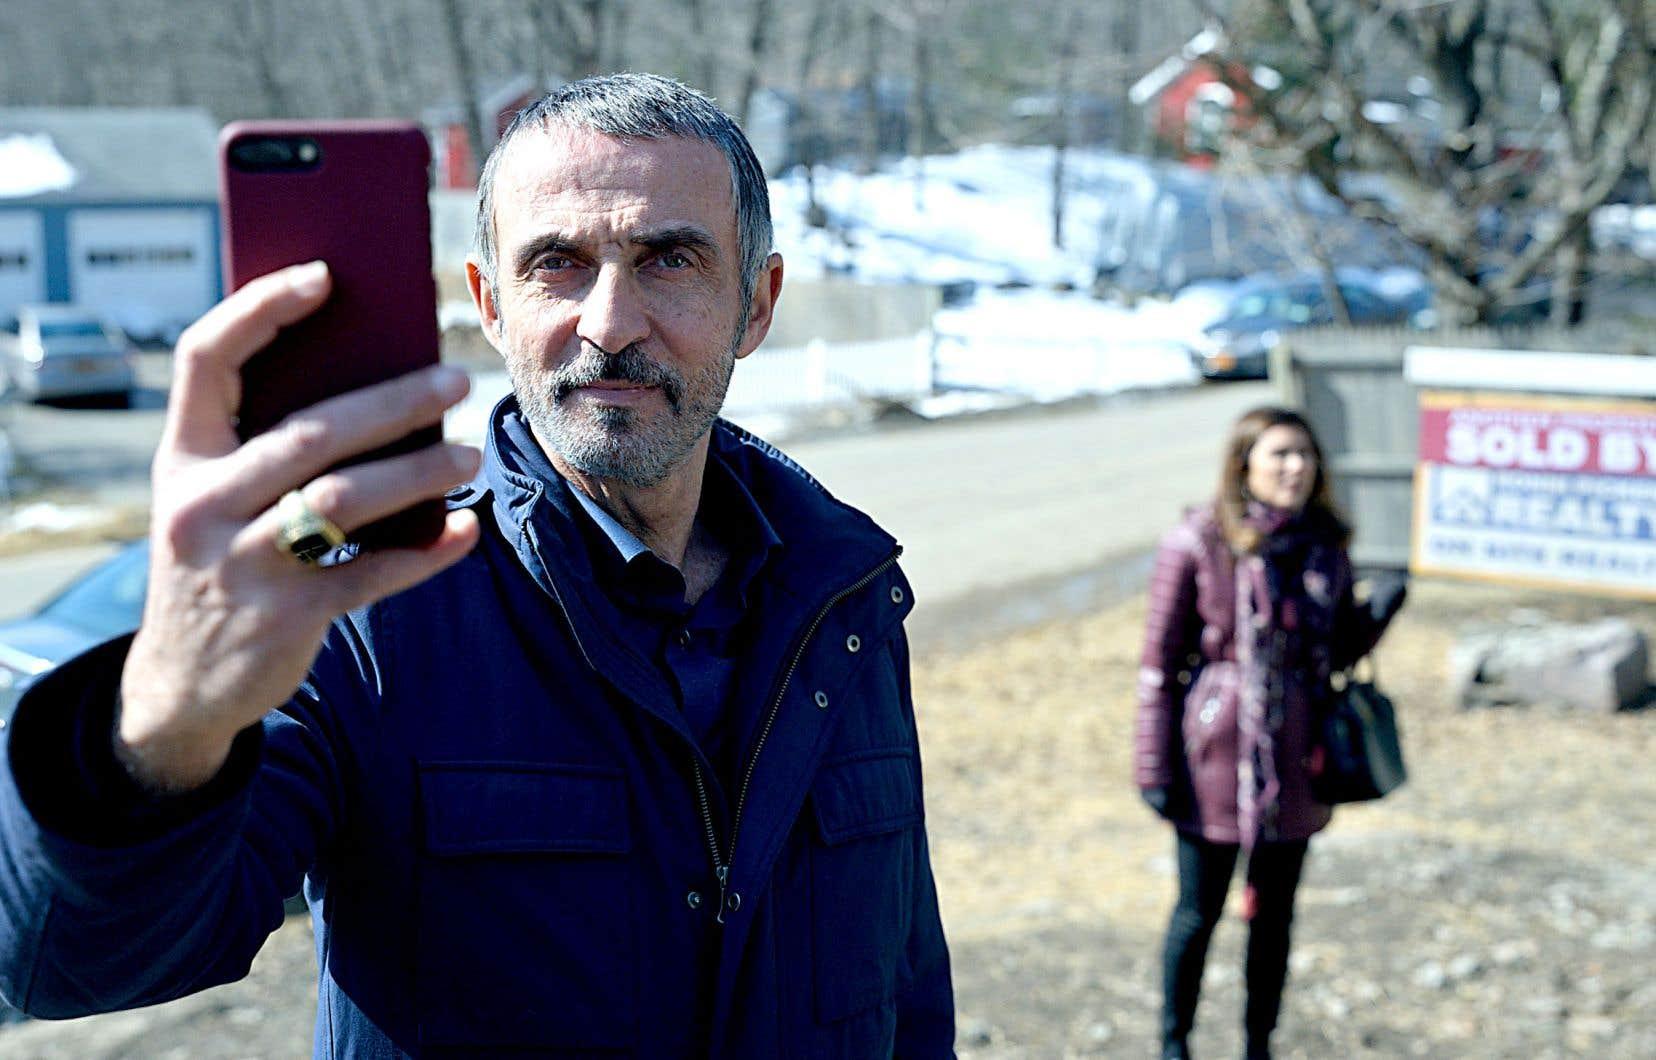 Une scène de la série «Little America», scénarisée par les acteurs-auteurs Kumail Nanjiani et Emily V. Gordon